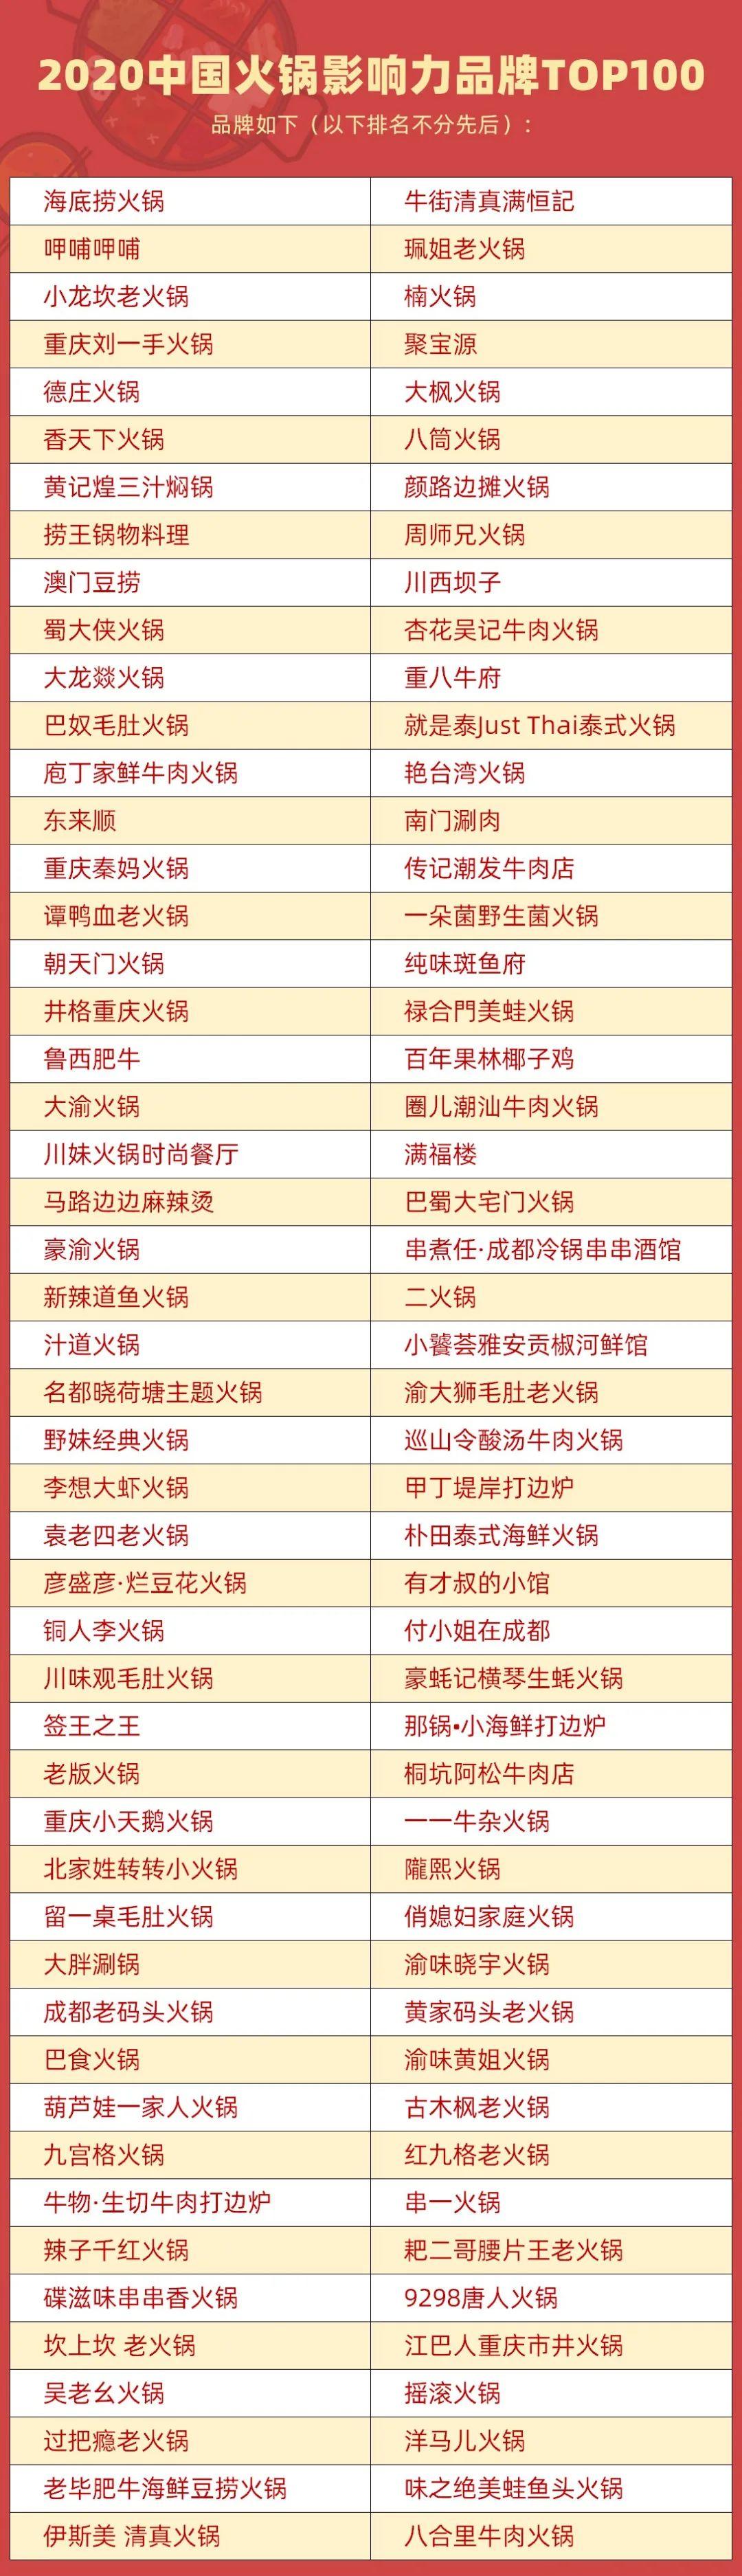 2020中国火锅影响力品牌TOP100出炉,重庆这些上榜图片